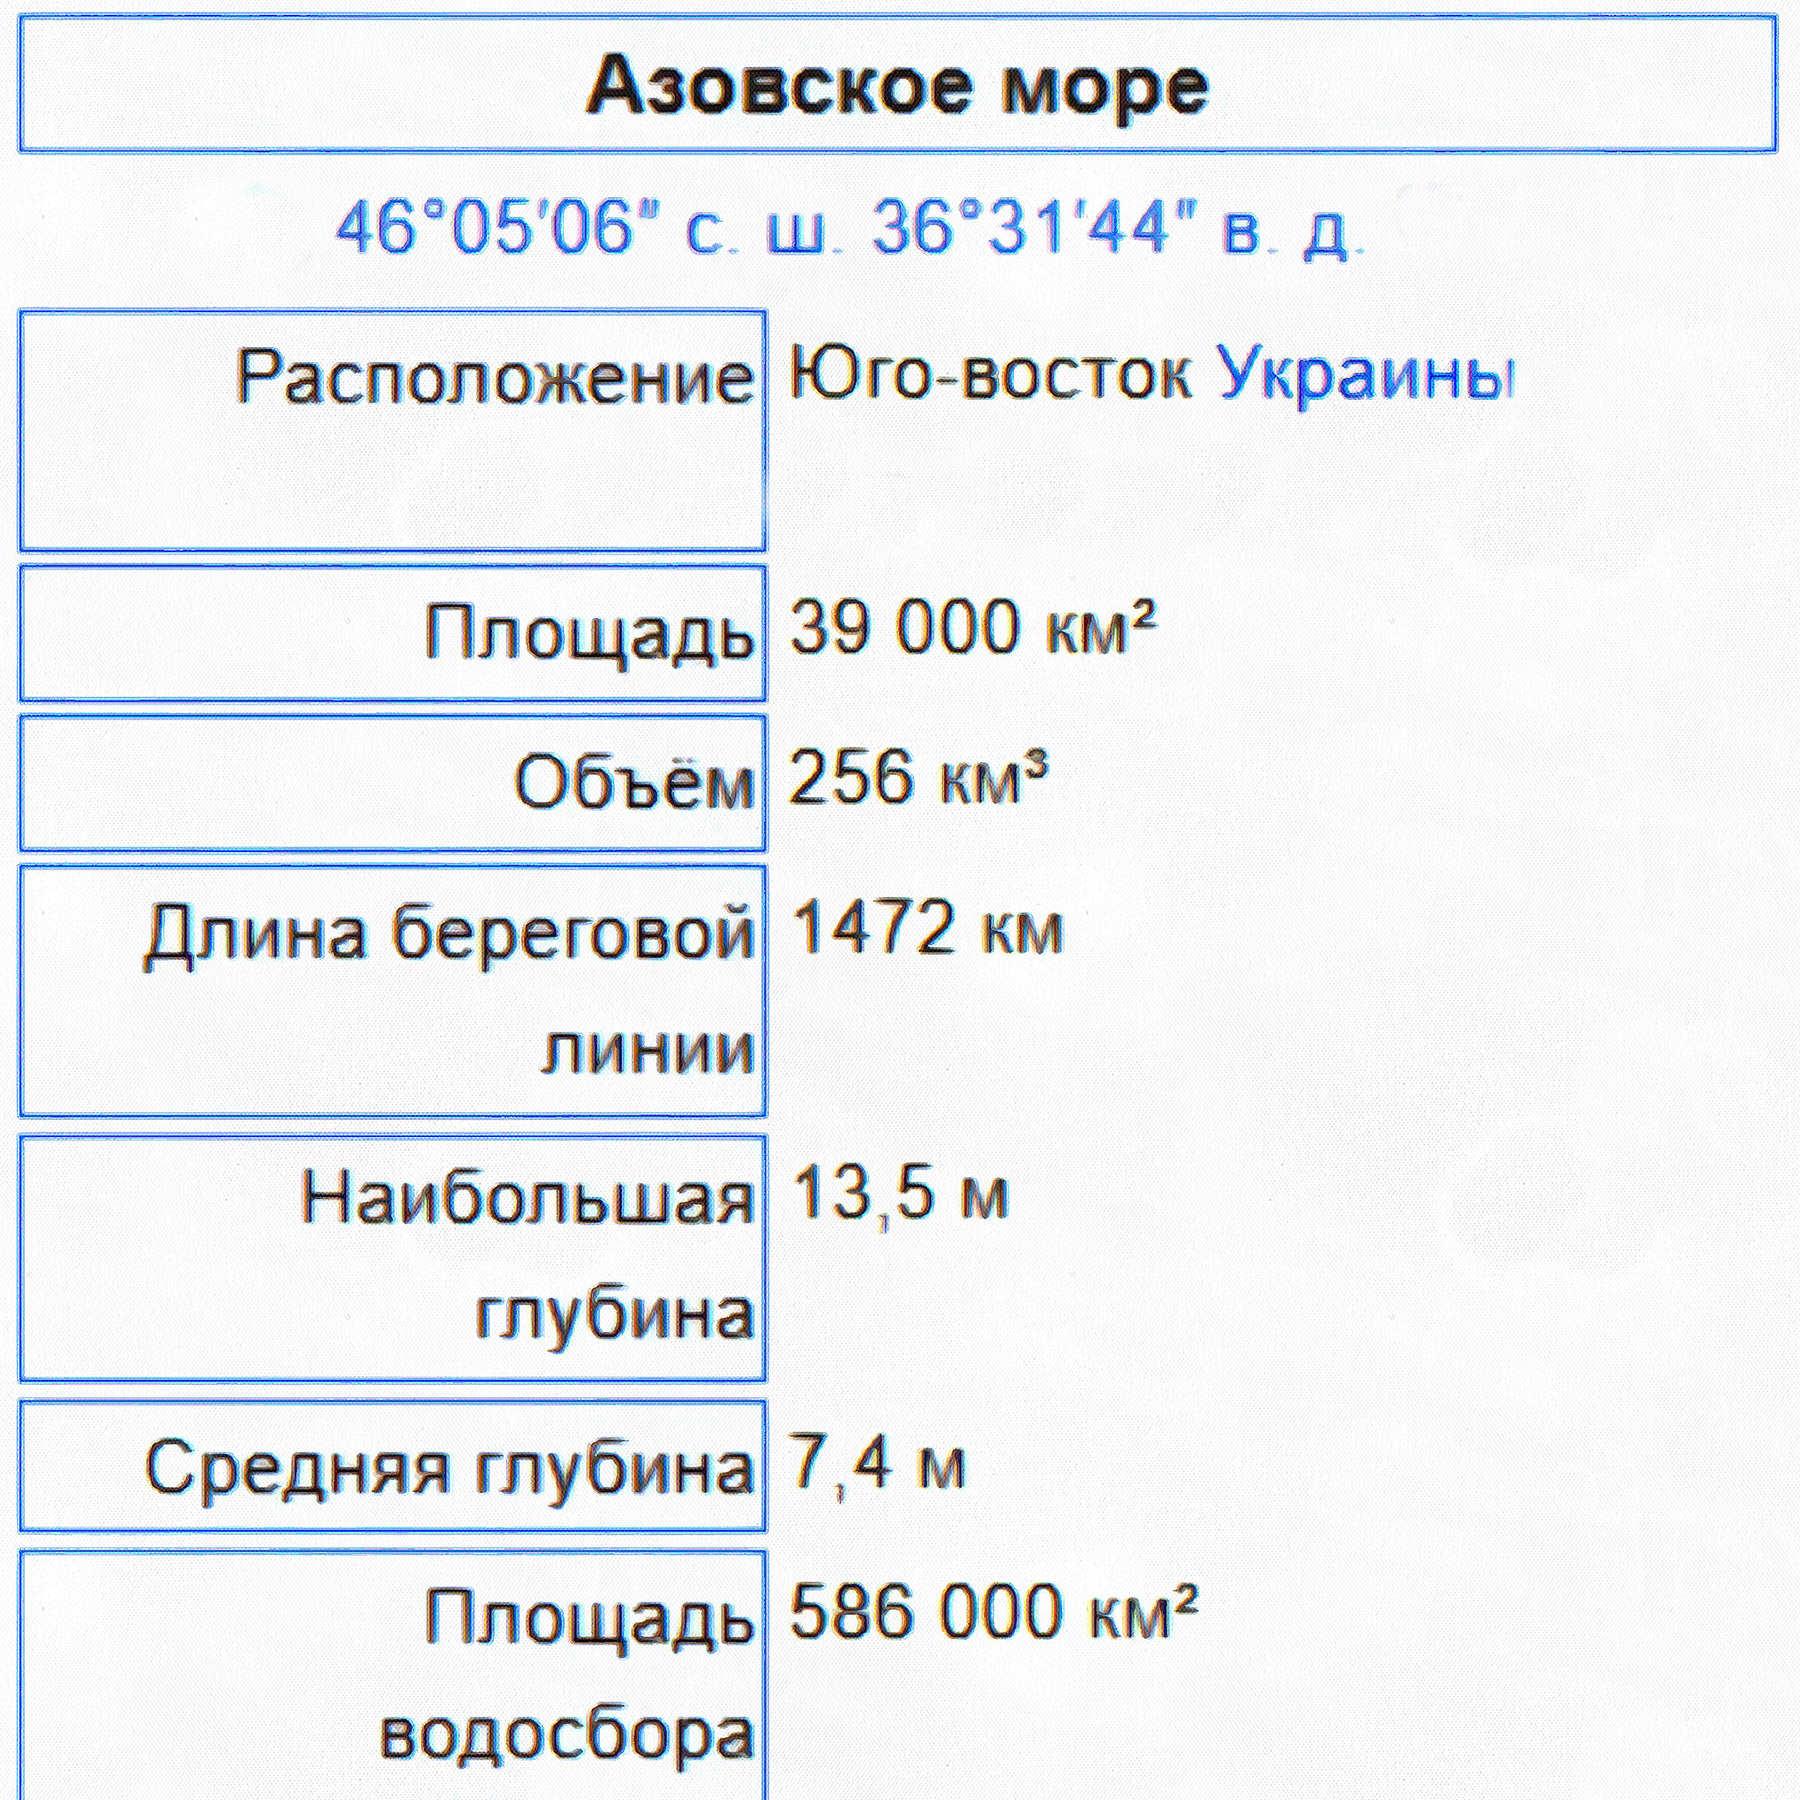 Азовское море. Основная статистика.